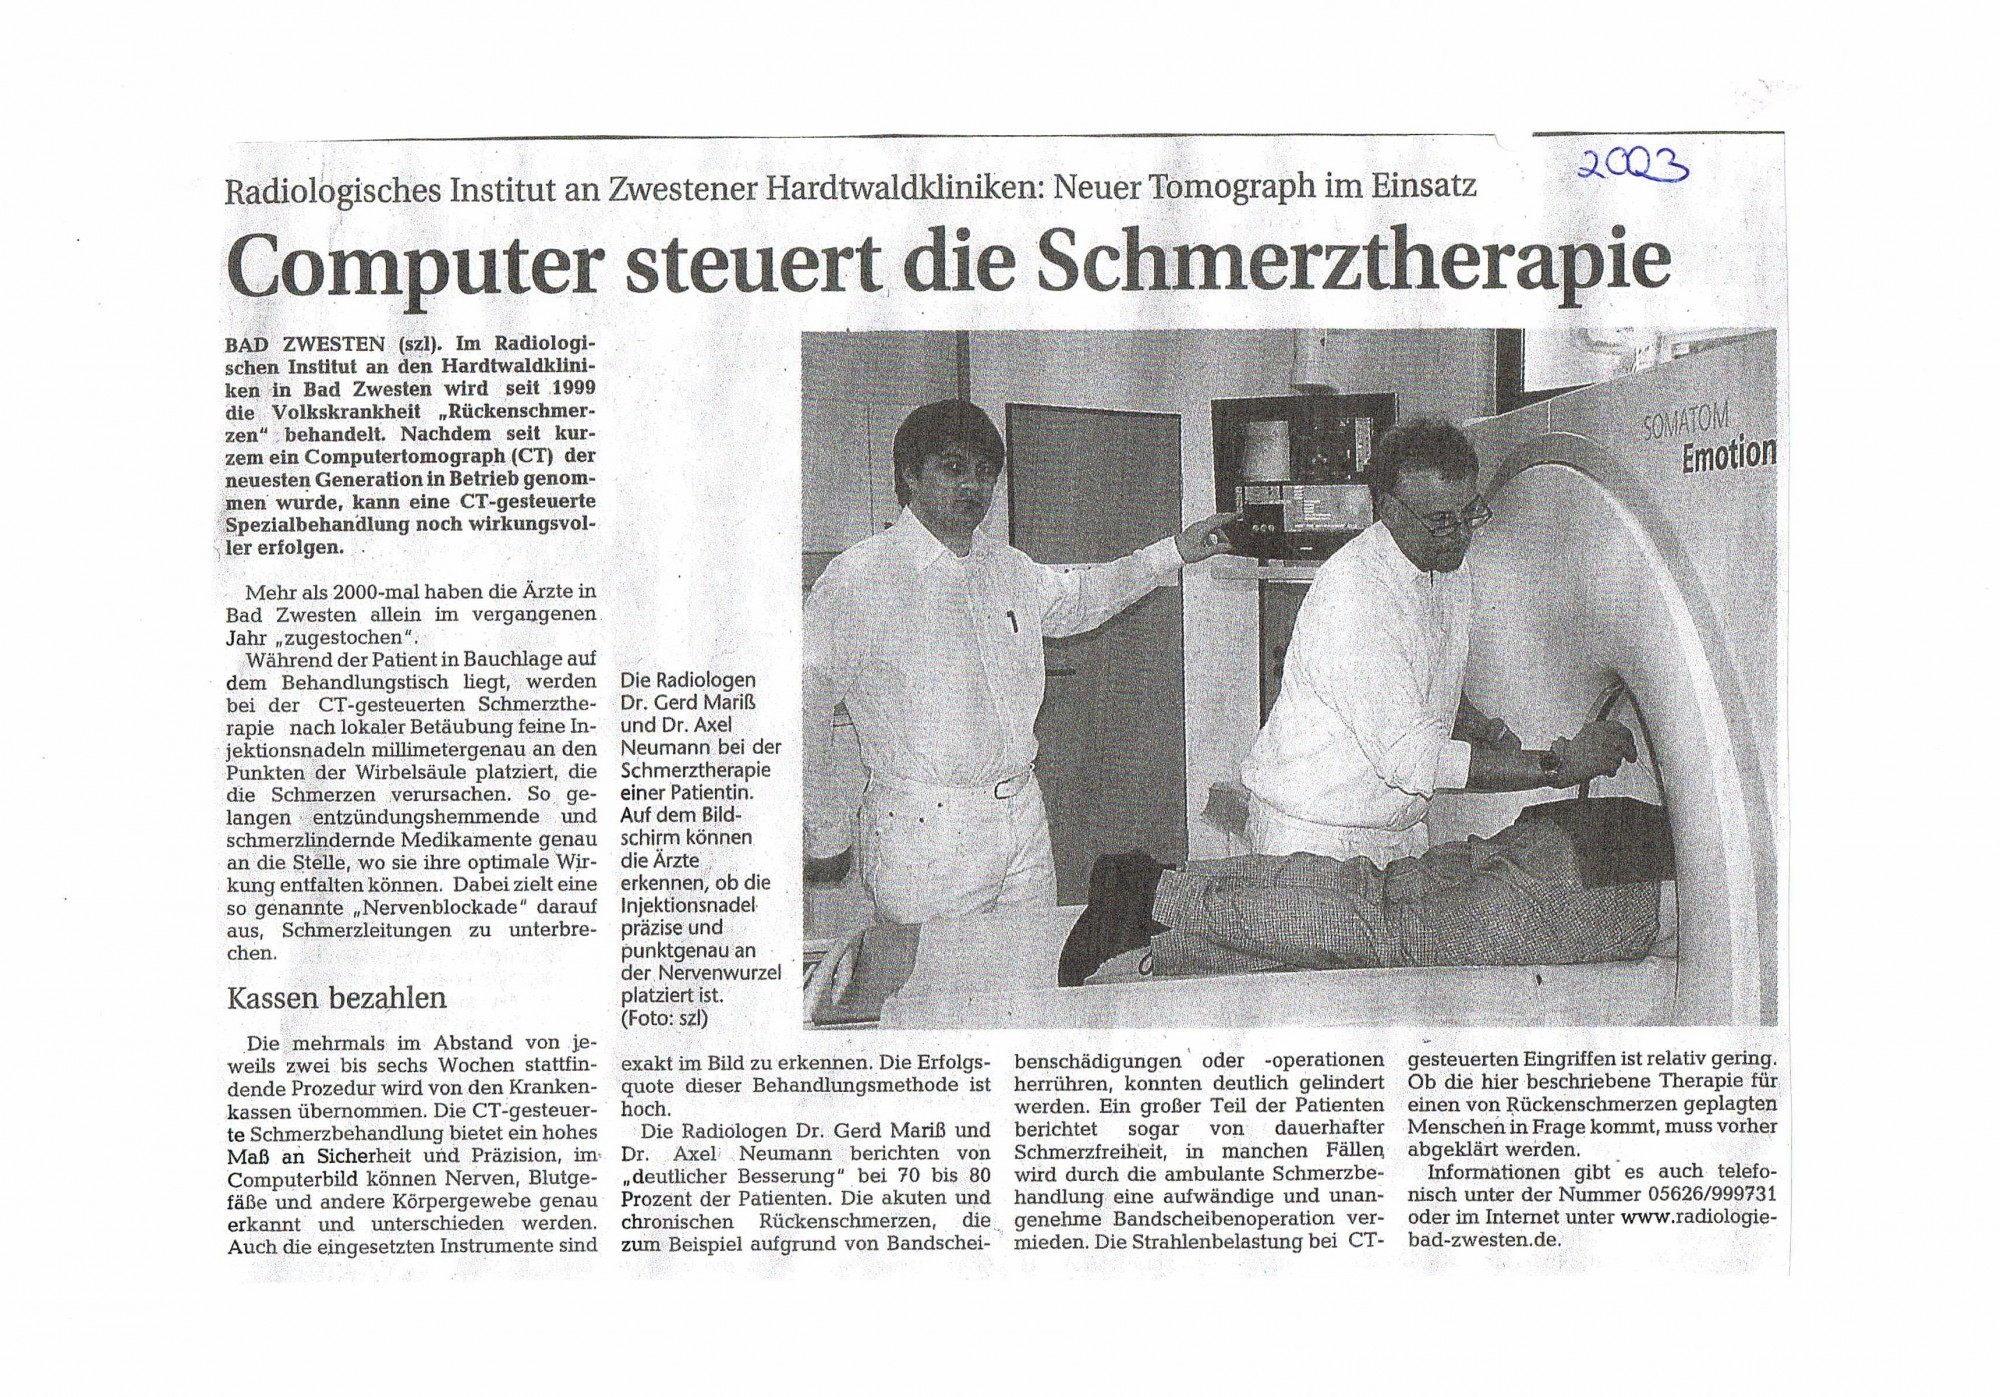 2003 Computer steuert die Schmerztherapie-001